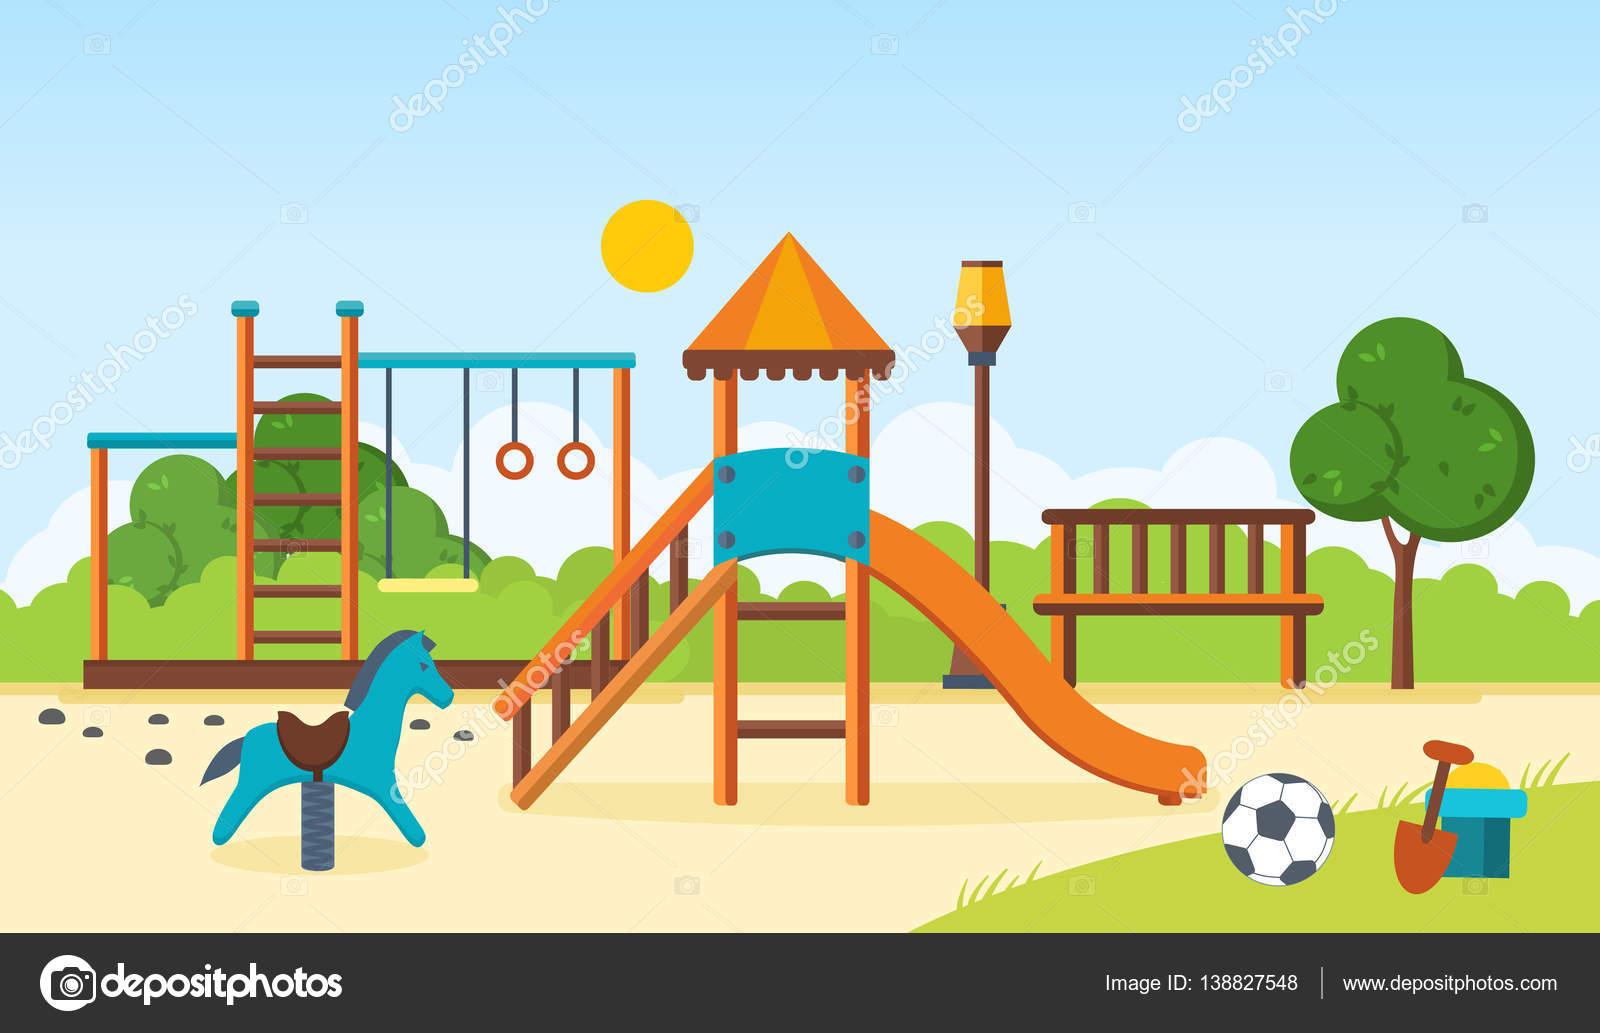 Barras horizontales, juegos infantiles, columpios, a pie de parque ...